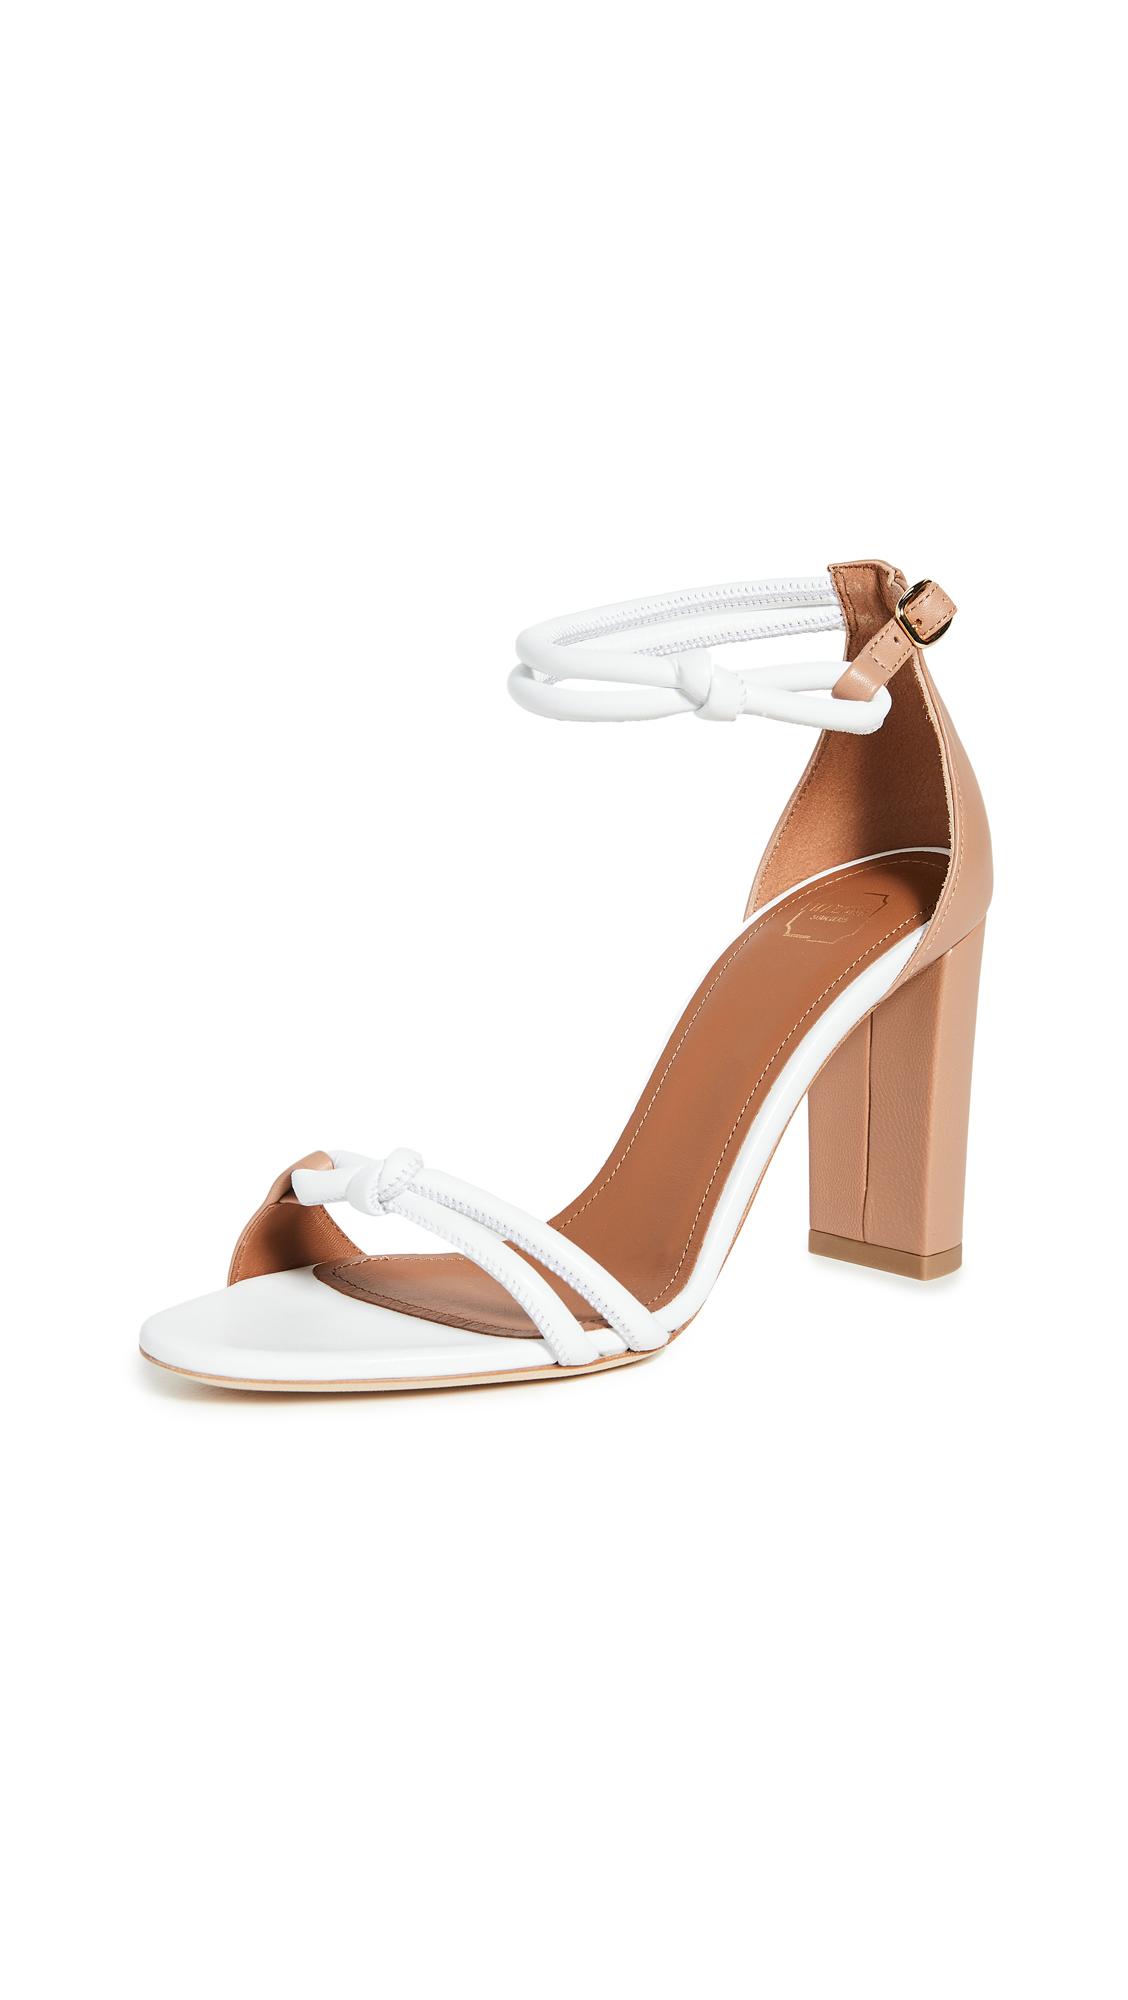 Buy Malone Souliers 85mm Fenn Sandals online, shop Malone Souliers